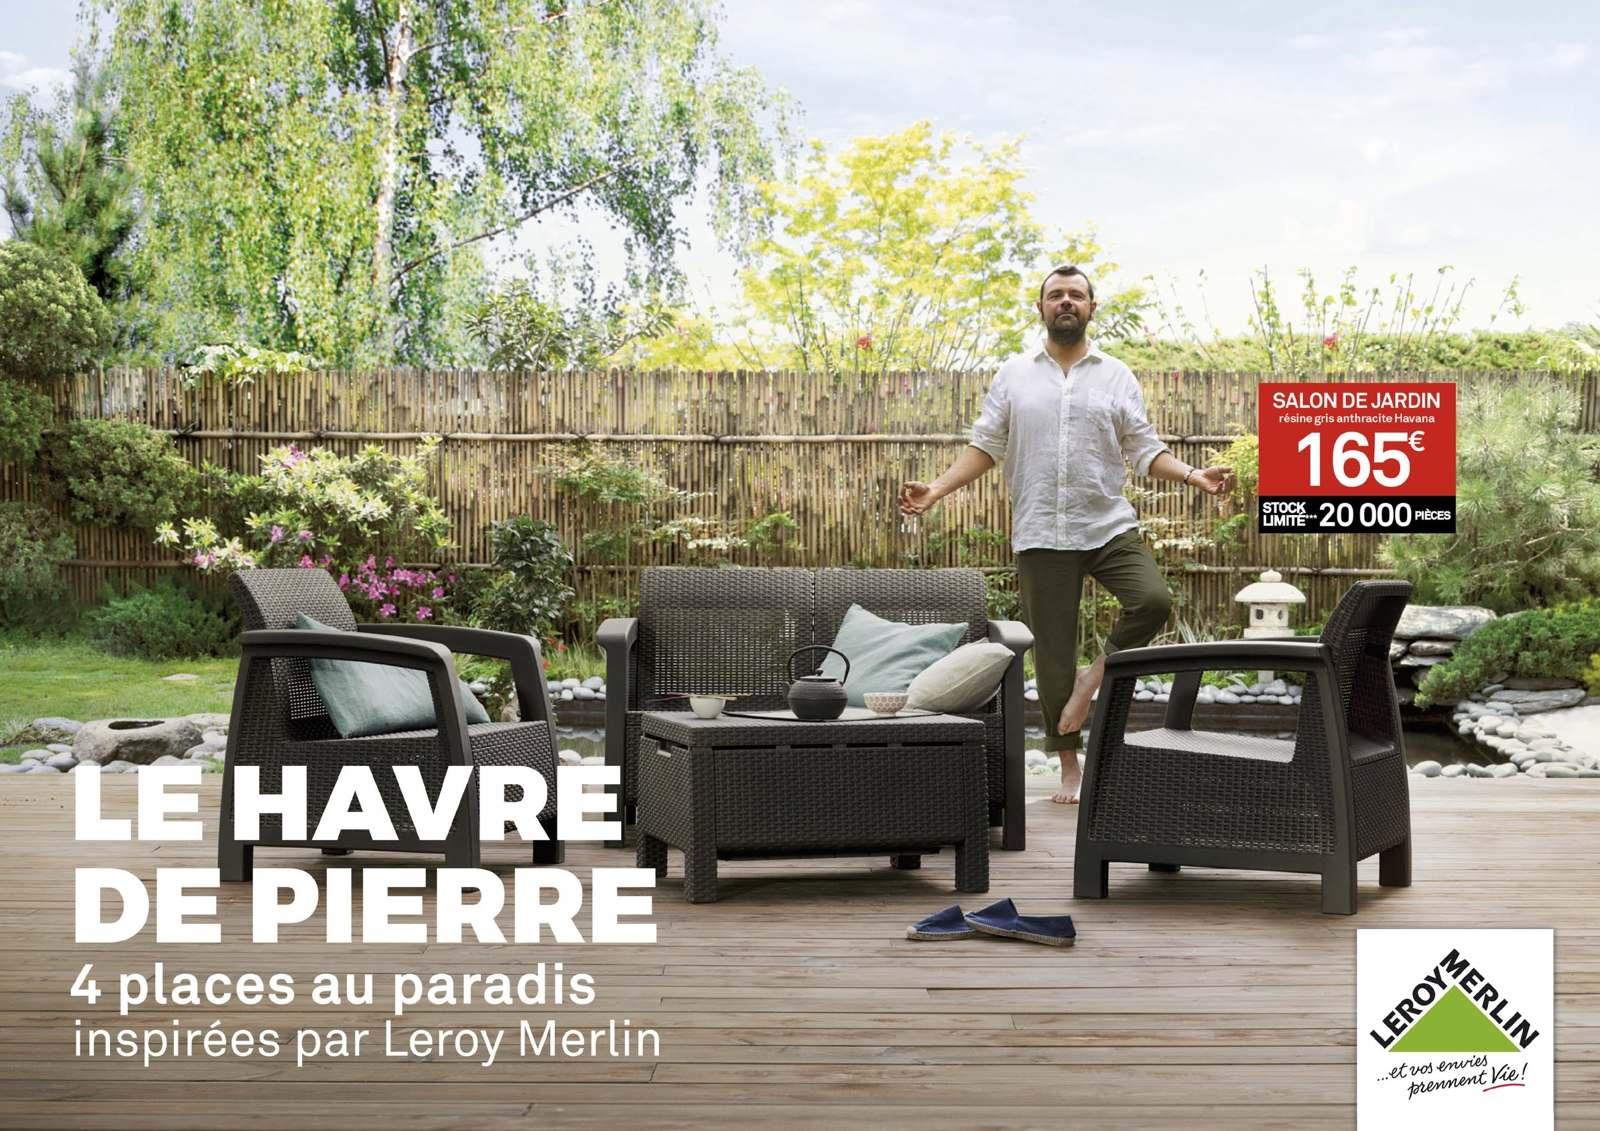 Leroy Merlin - Kamel Et Romain dedans Salon De Jardin Leroy Merlin Promo